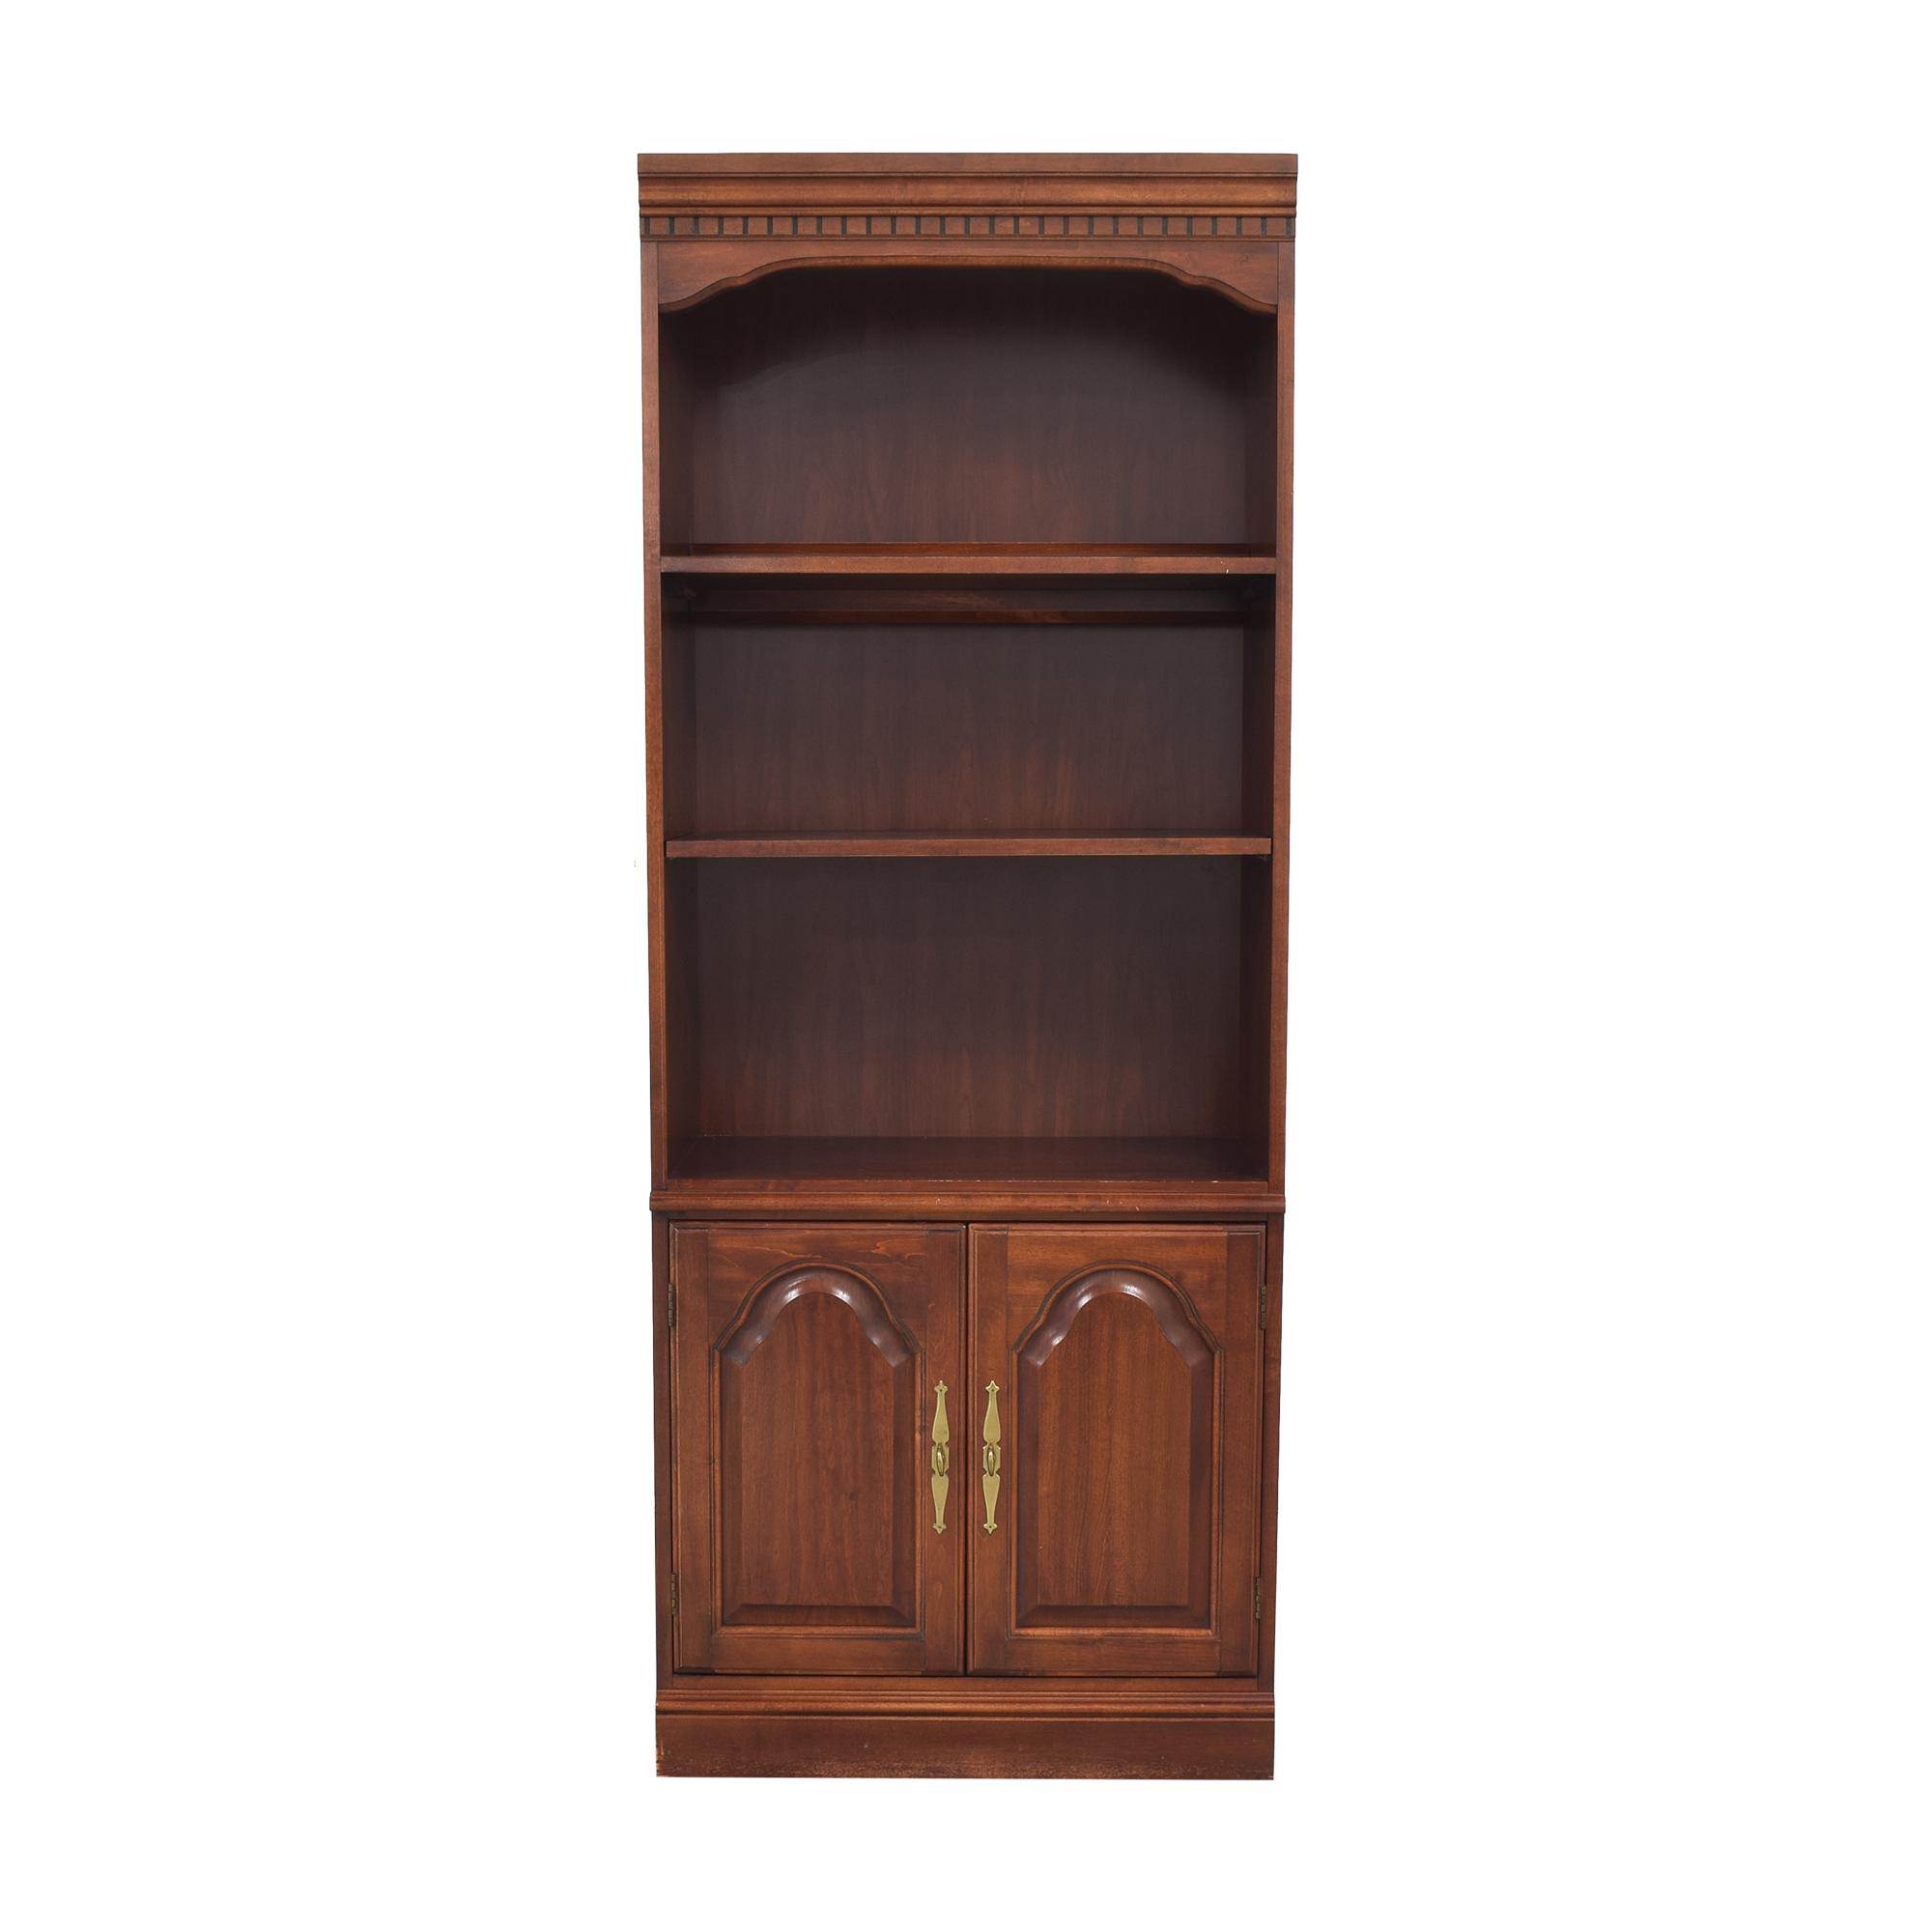 Hooker Furniture Hooker Lighted Bookcase discount